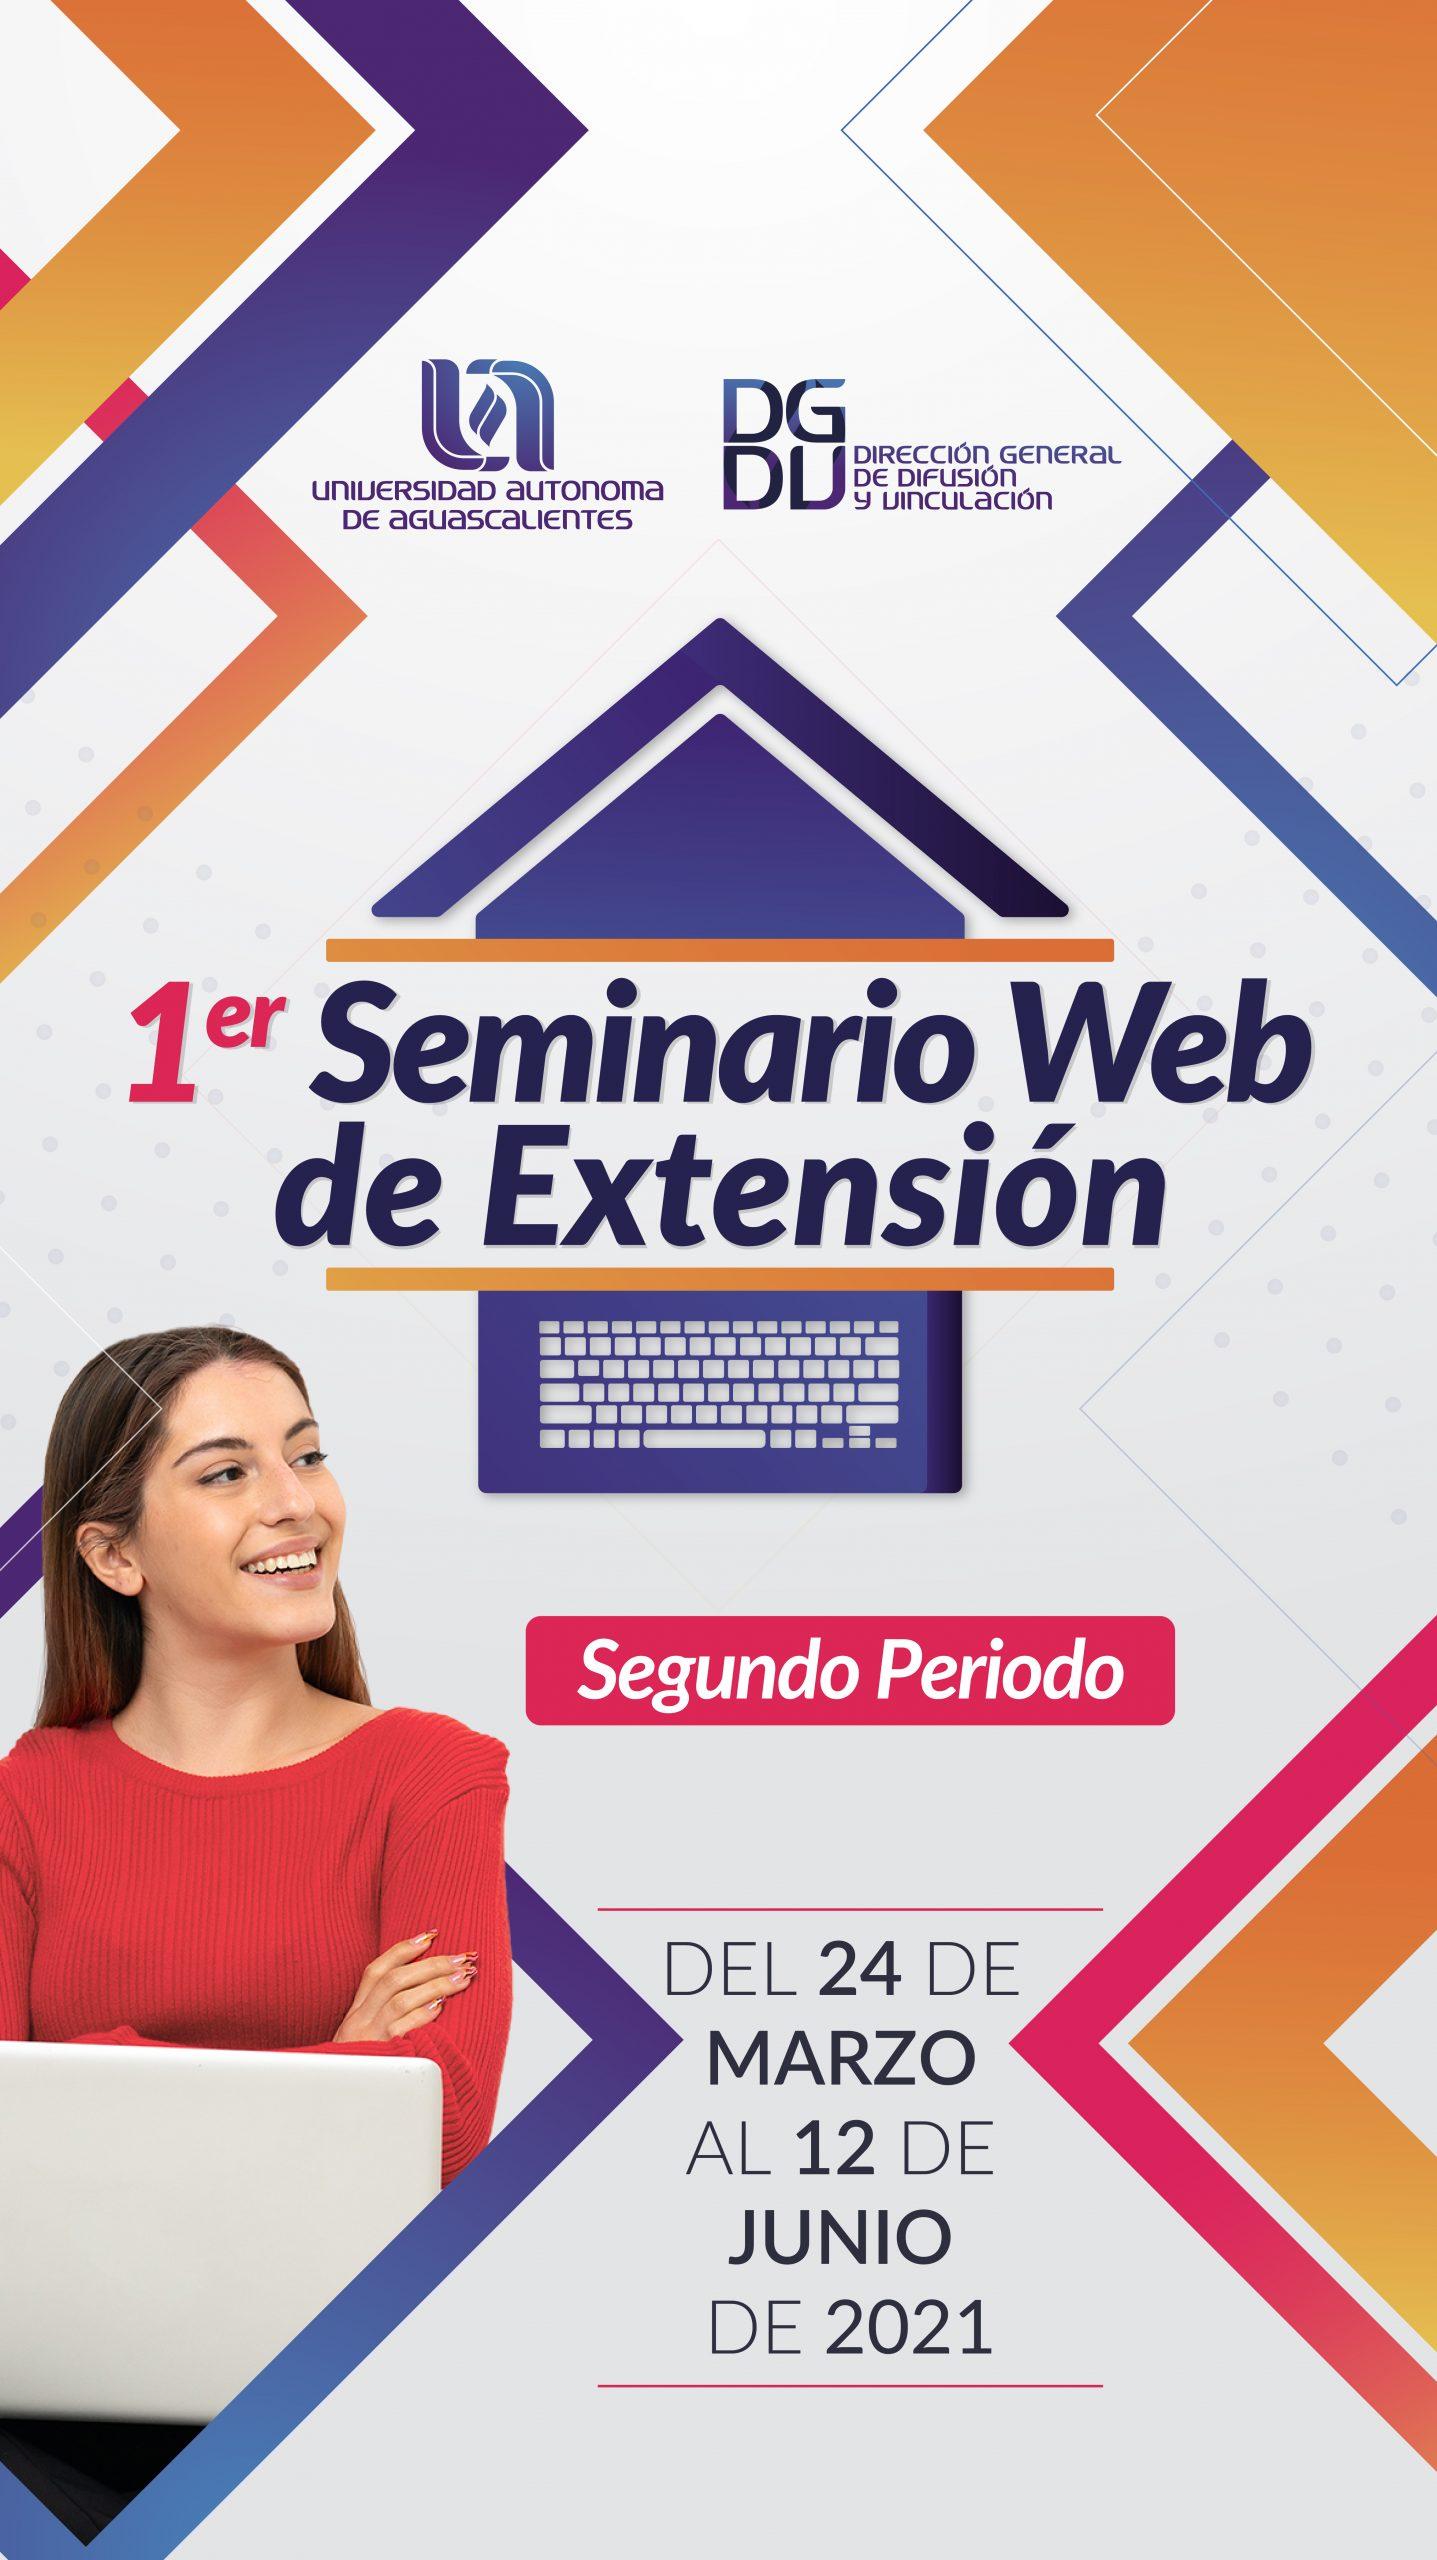 1er Seminario Web de Extensión